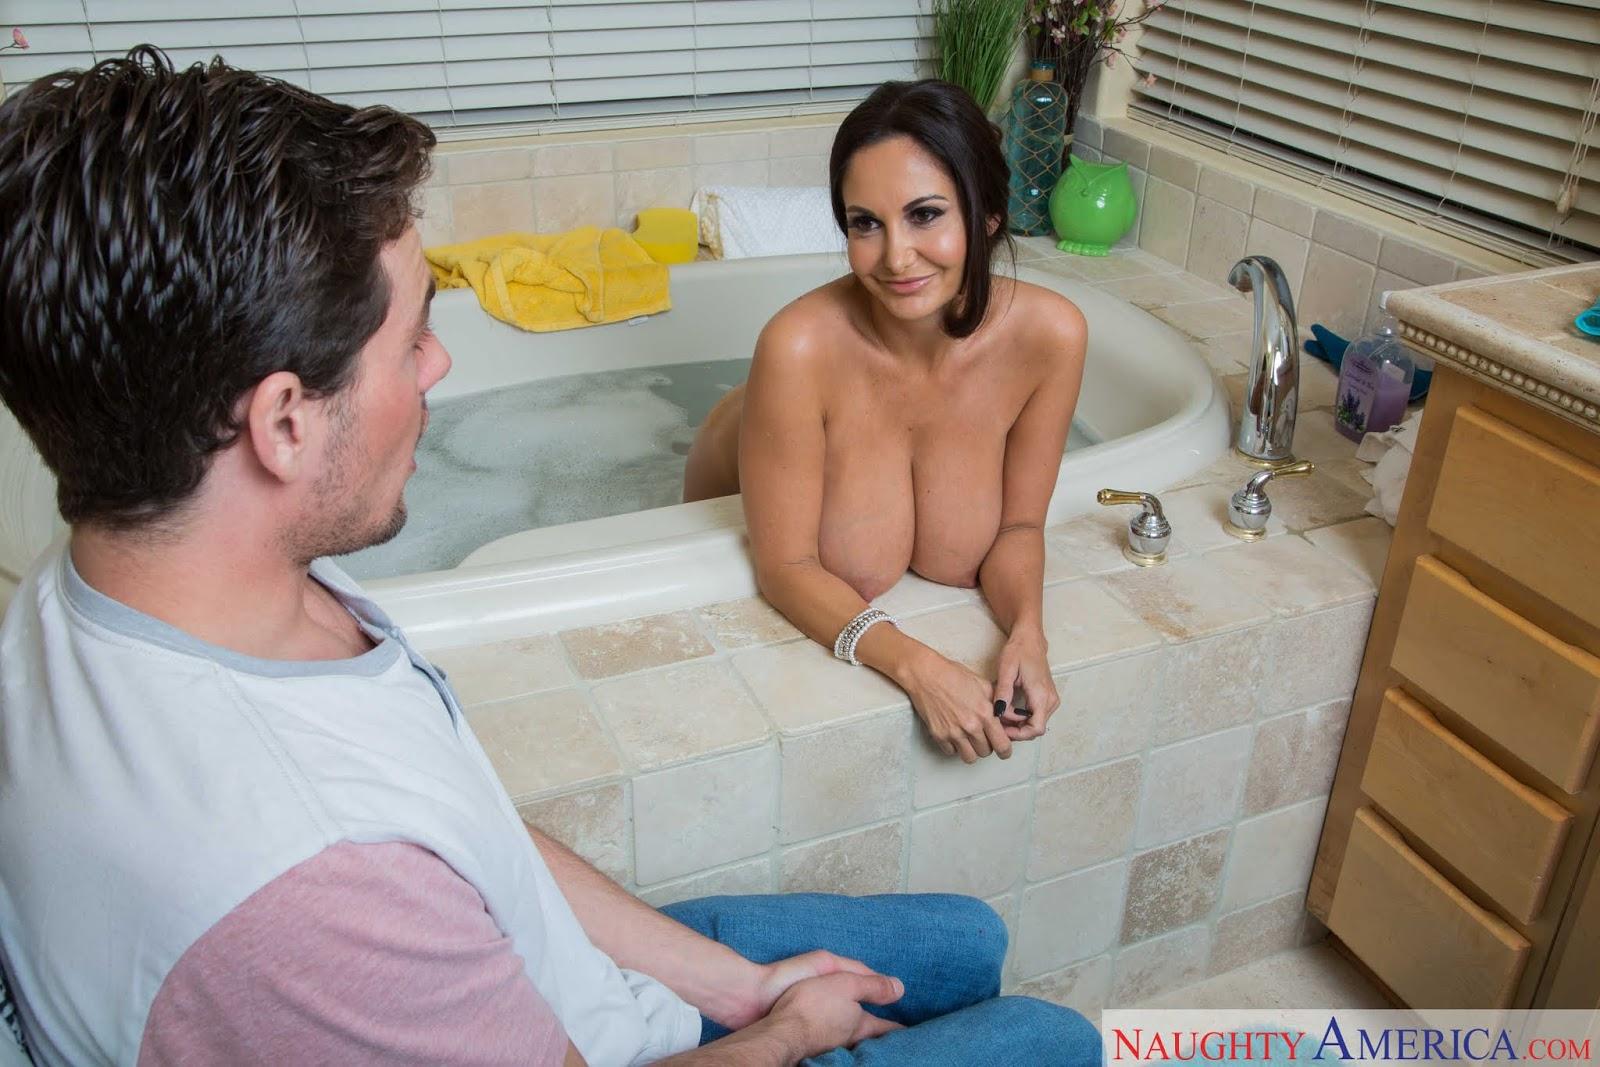 Big boobs foamy bath tit play